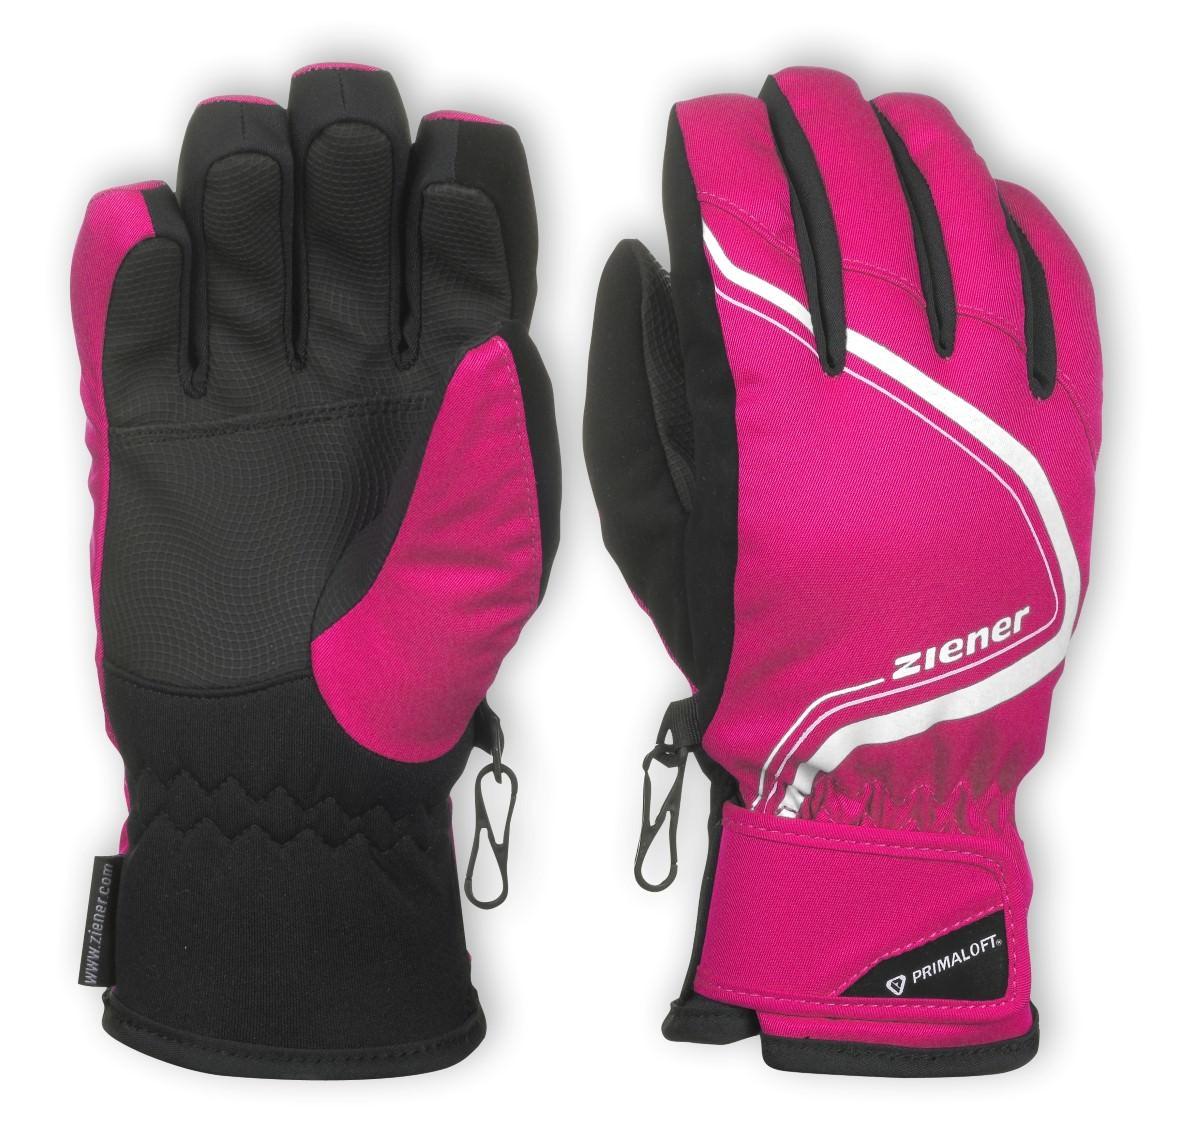 Ziener Y Lanu AS PR Glove